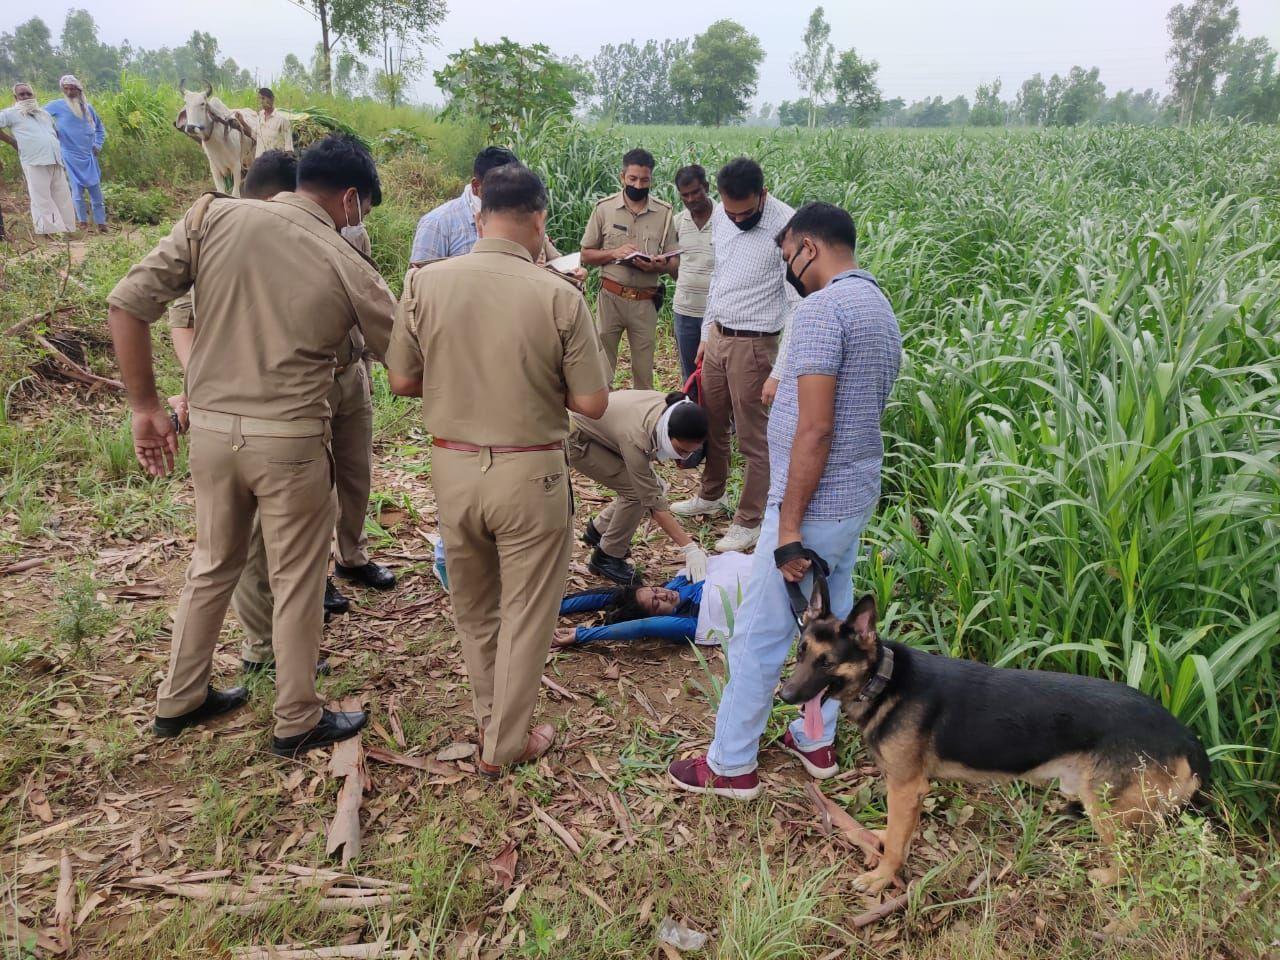 बिजनौर : महिला का संदिग्ध अवस्था में मिला शव, इलाके में फैली सनसनी